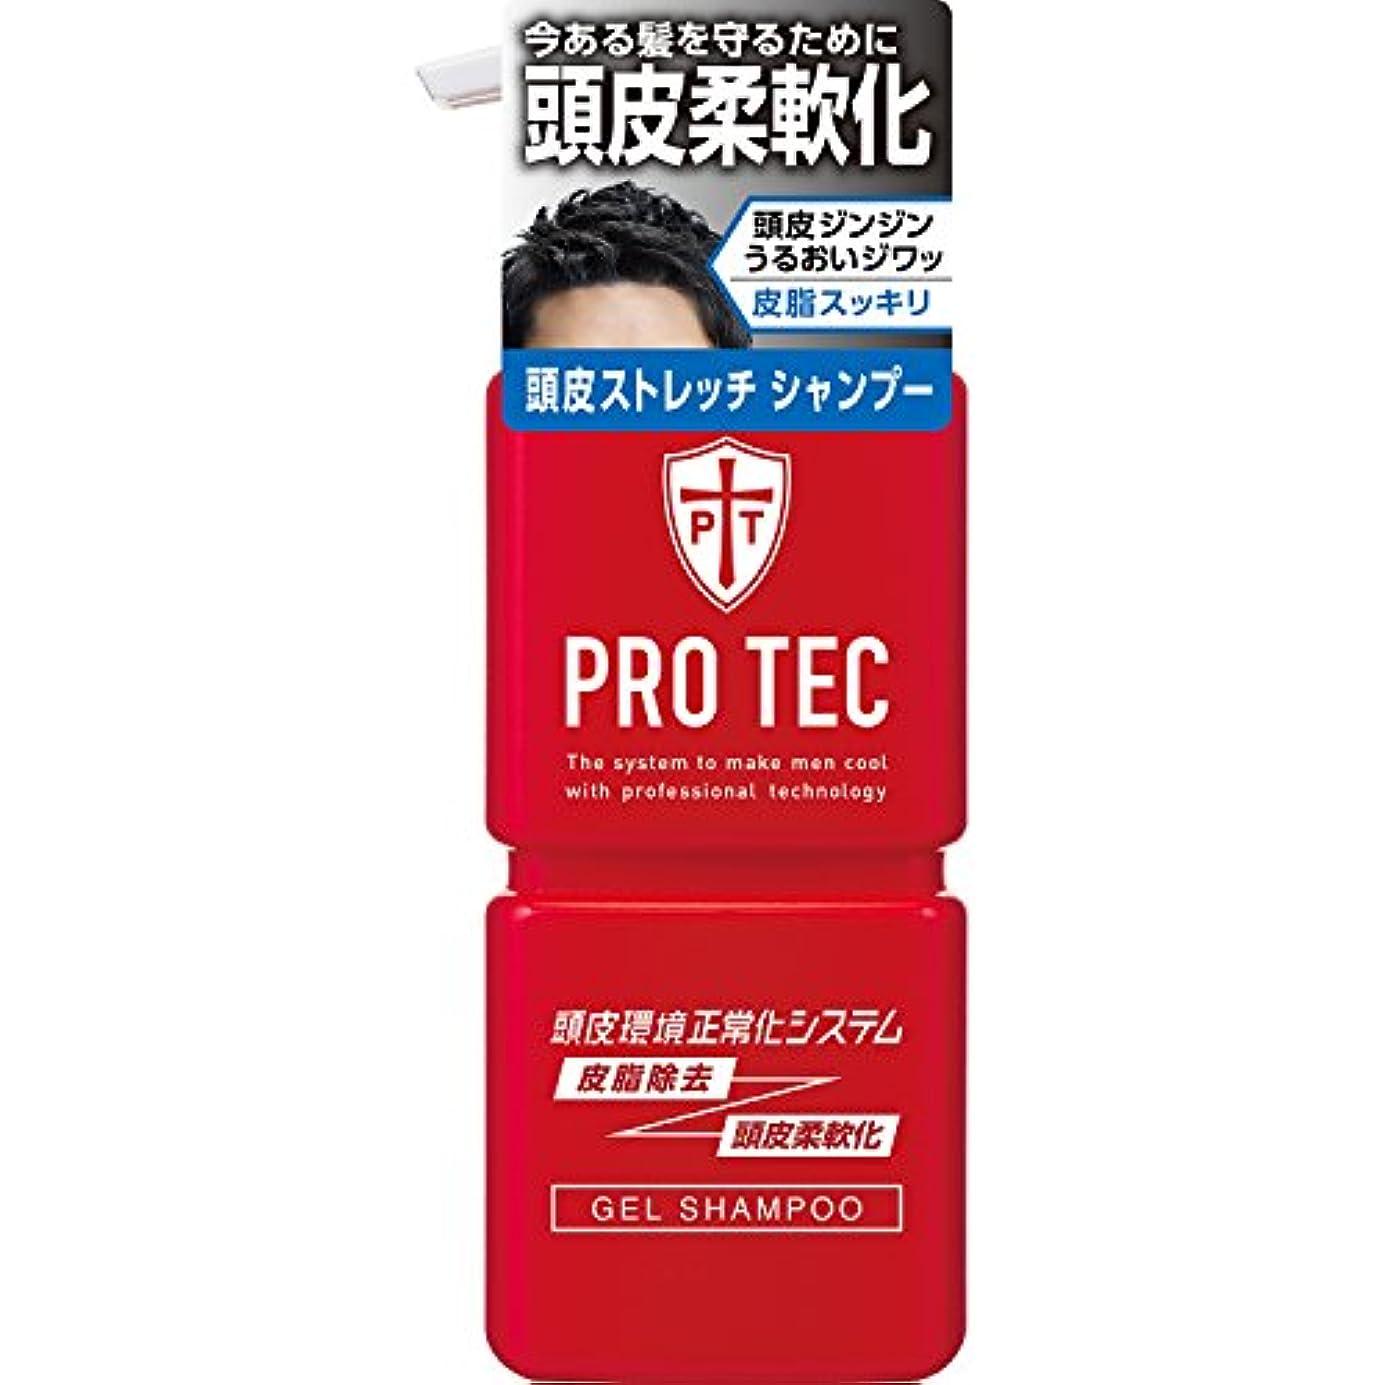 代わりに一杯モーターPRO TEC(プロテク) 頭皮ストレッチ シャンプー 本体ポンプ 300g(医薬部外品)